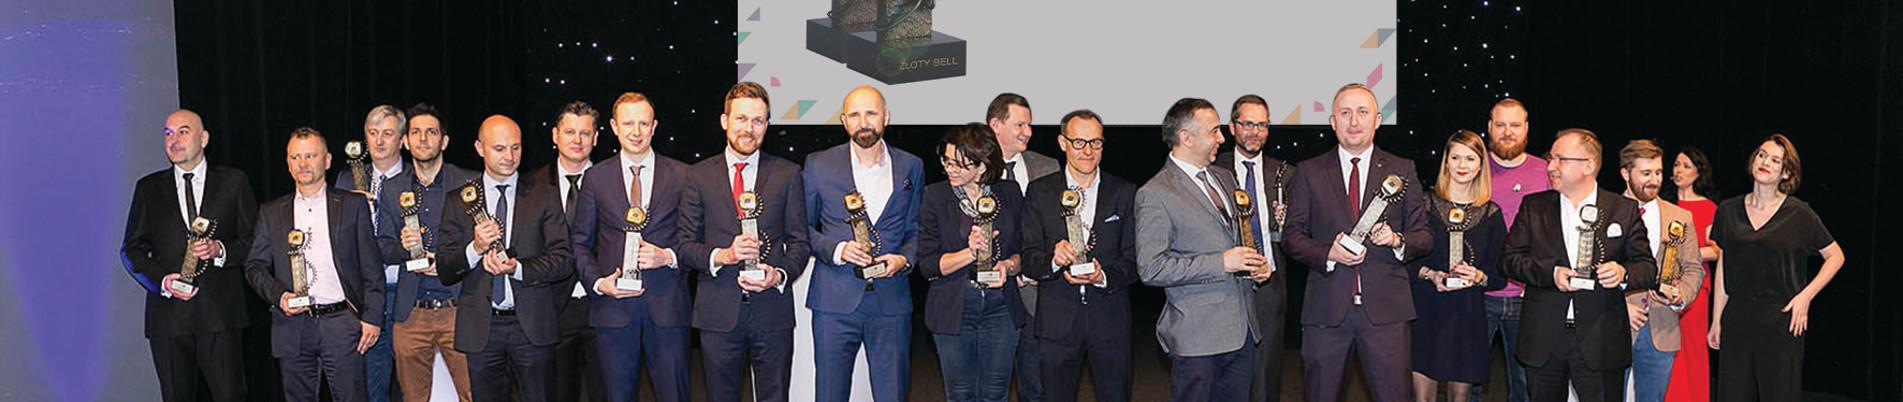 mPTech-Polská firma roku 2017